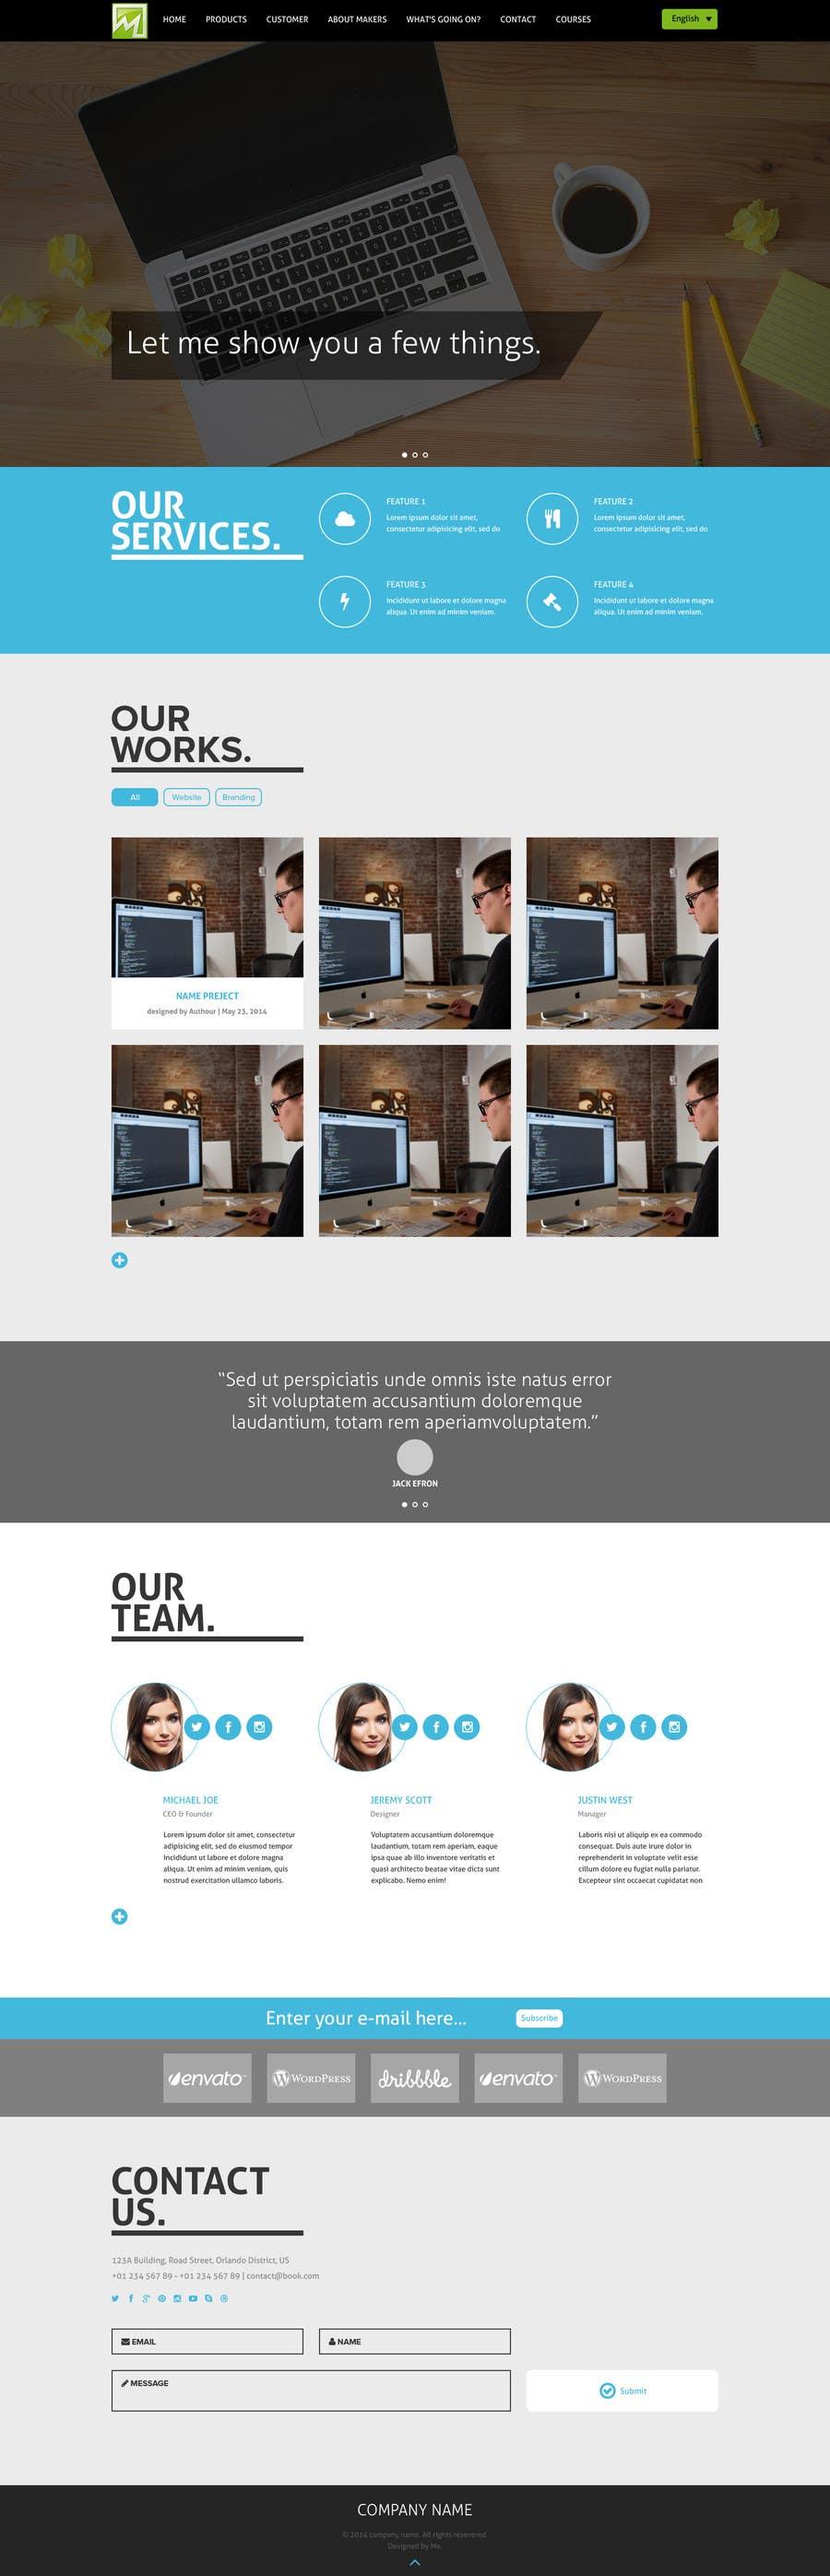 Konkurrenceindlæg #                                        15                                      for                                         Design a Website Mockup for http://makers.dk